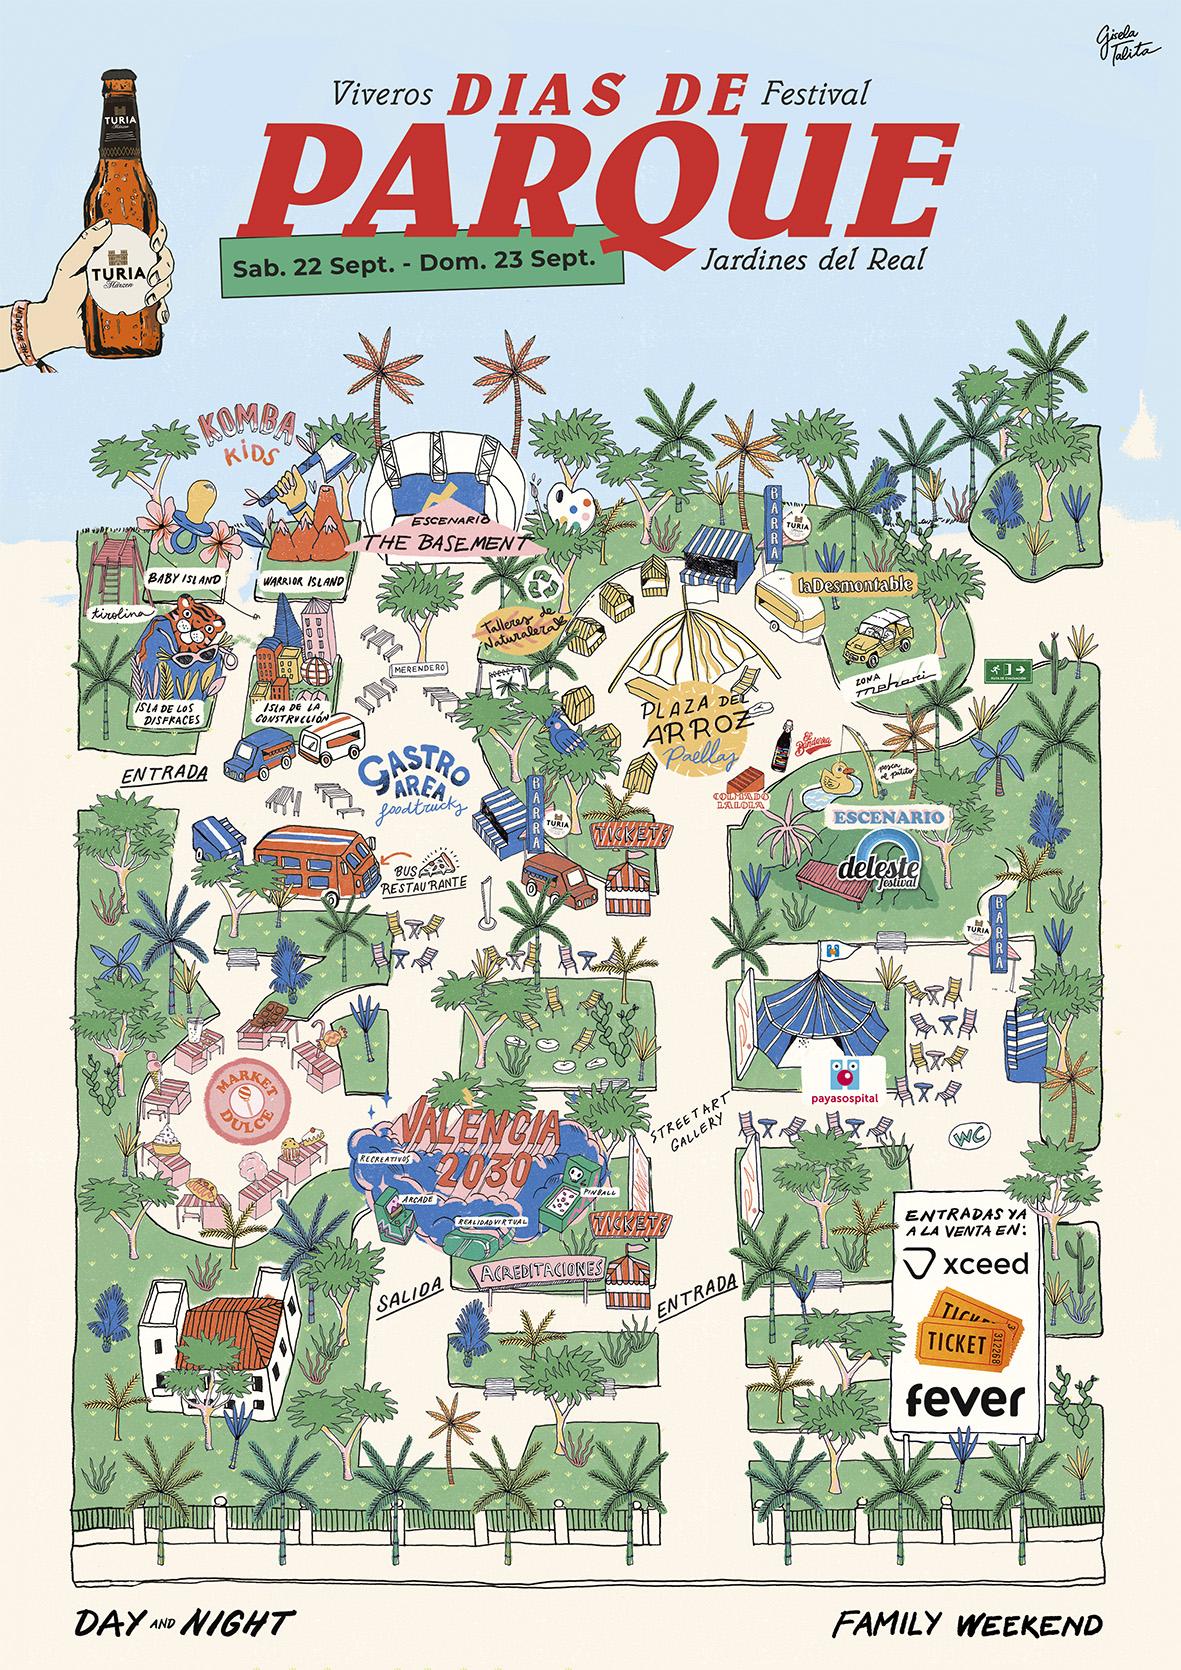 cartel días de parque